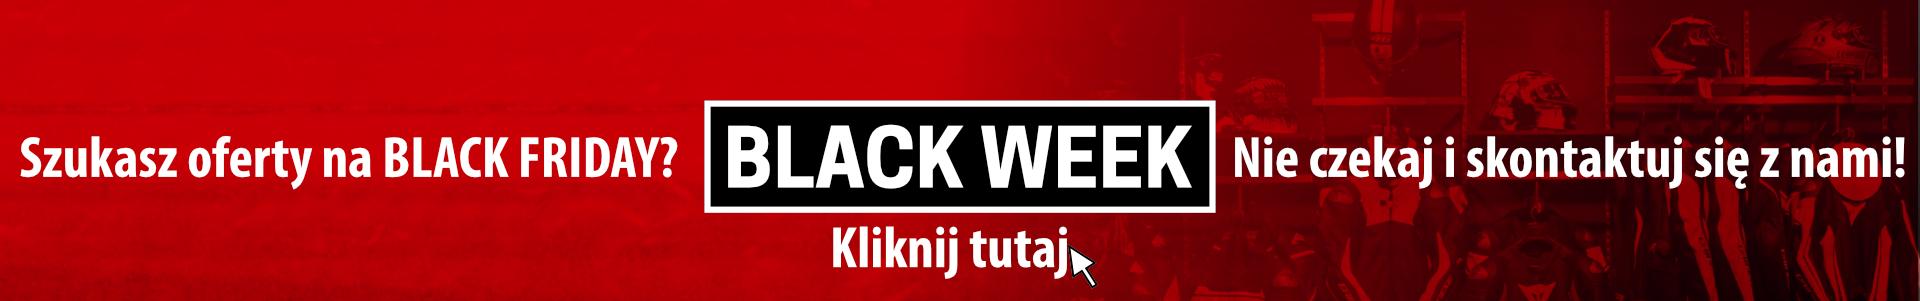 BLACK WEEK - Nie możesz doczekać się BLACK FRIDAY? Nie czekaj i skontaktuj się z nami!